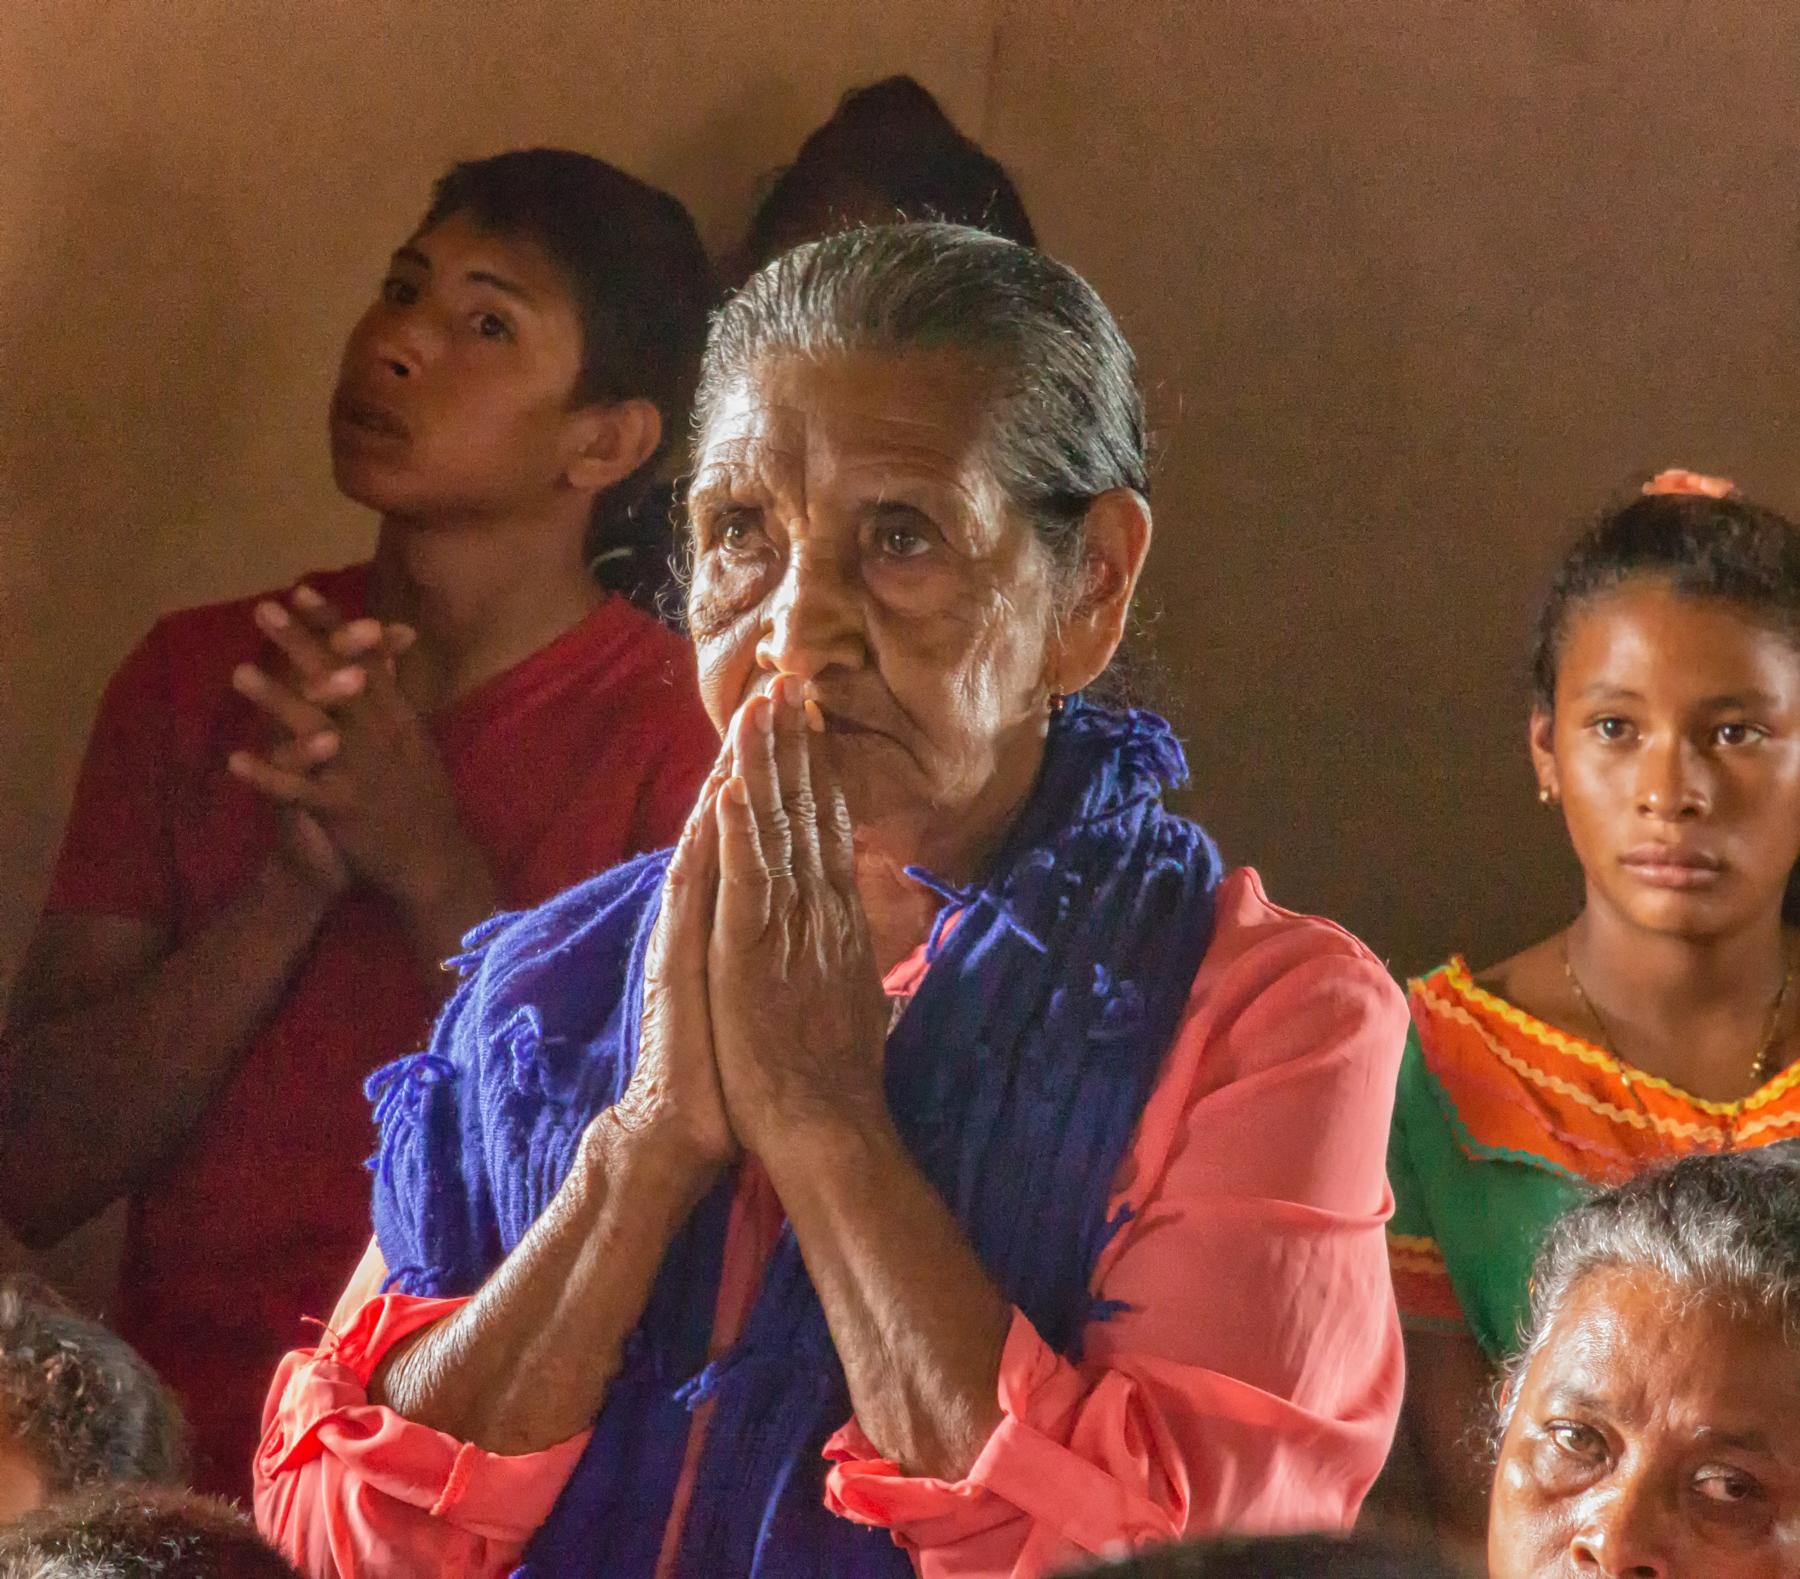 43_Connie_FrisbeeHoude_Honduras_Grateful.jpg